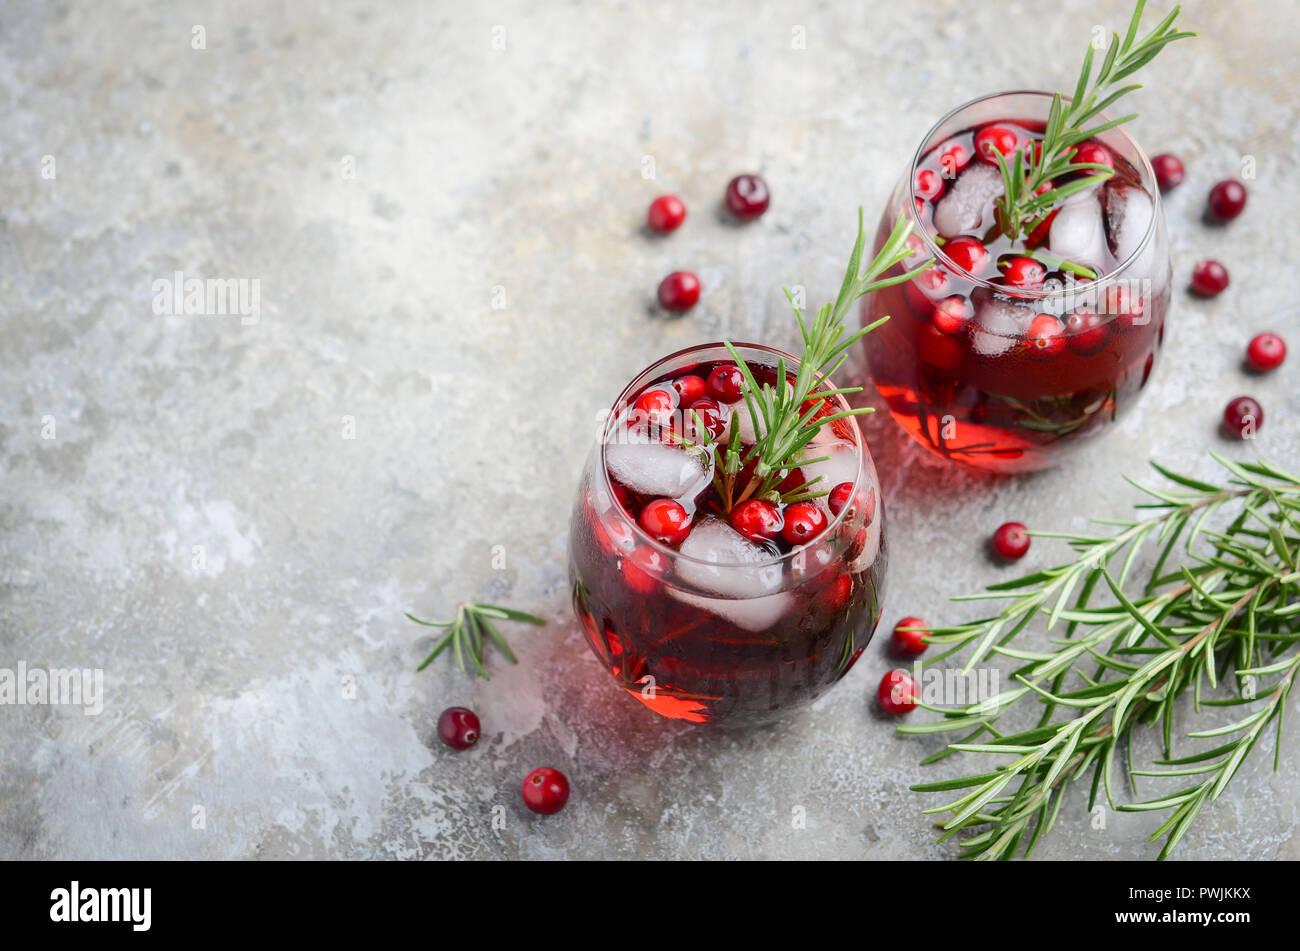 Cold drink rinfrescante con mirtilli e rosmarino su un cemento grigio sfondo Immagini Stock